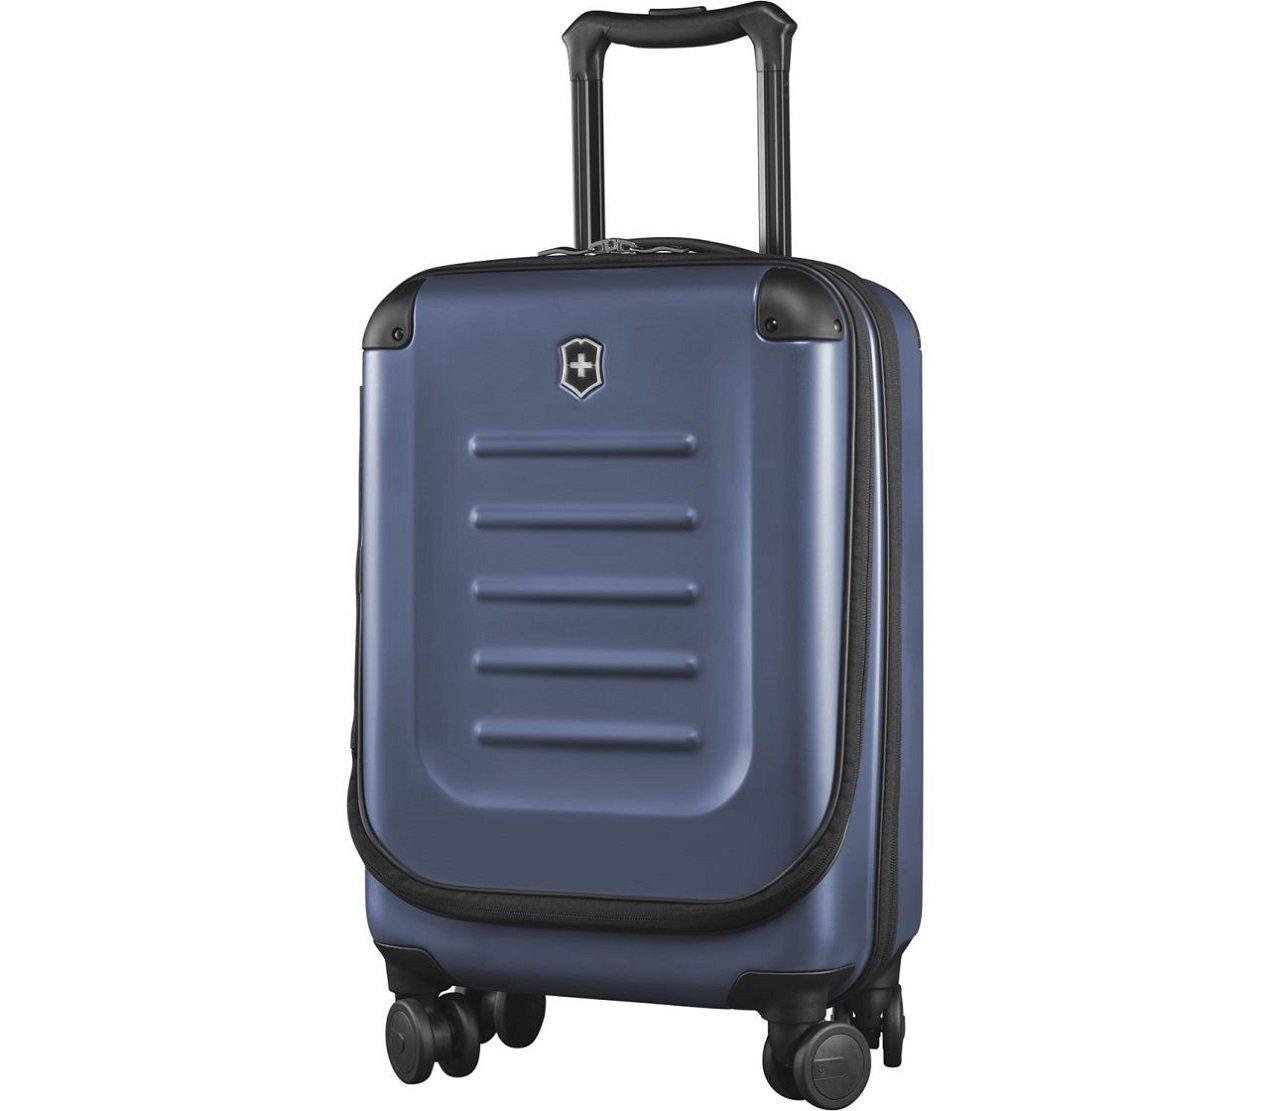 [ビクトリノックス] Victorinox 公式 Spectra Expandable Compact Global Carry-On 保証書付 B01GC603TS ネイビー ネイビー